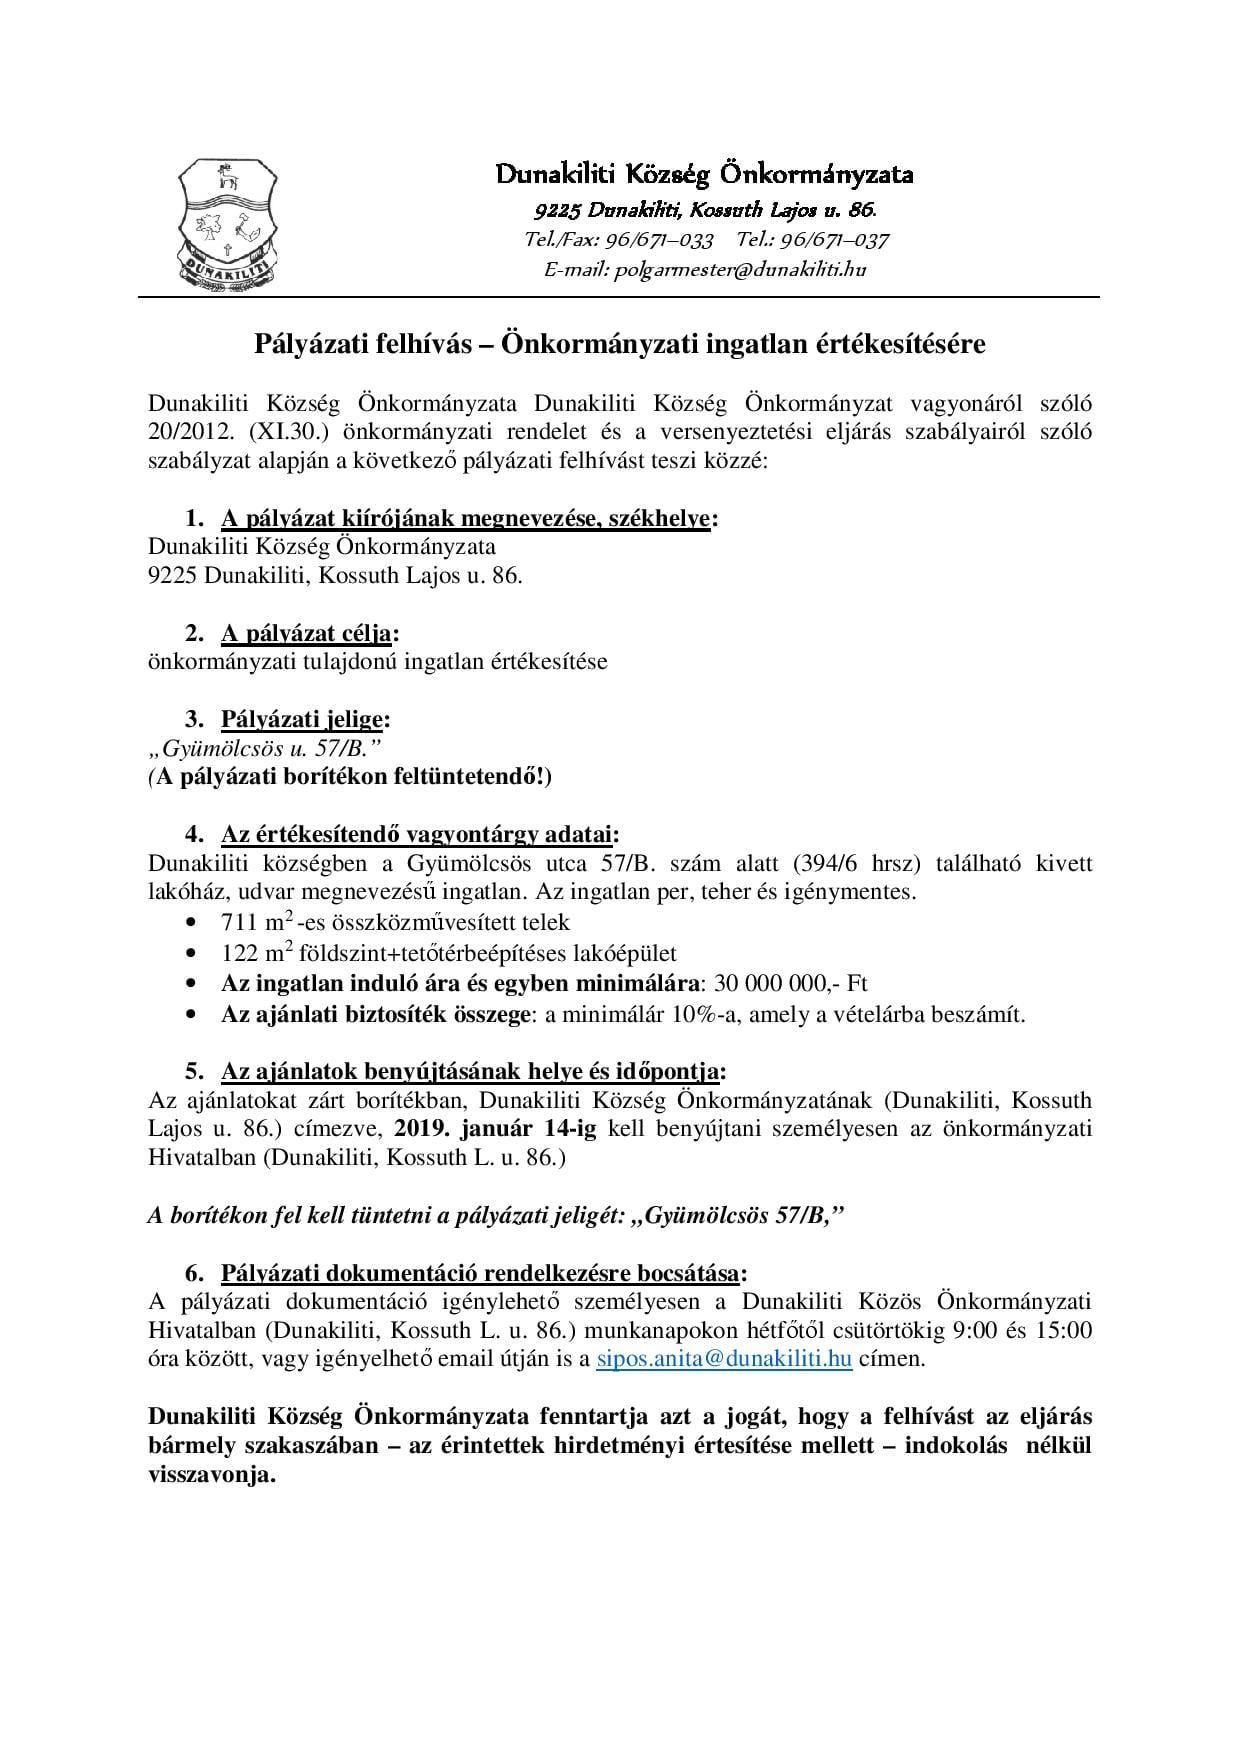 Felhívás Gyűmölcsös u-3_1214-page-001